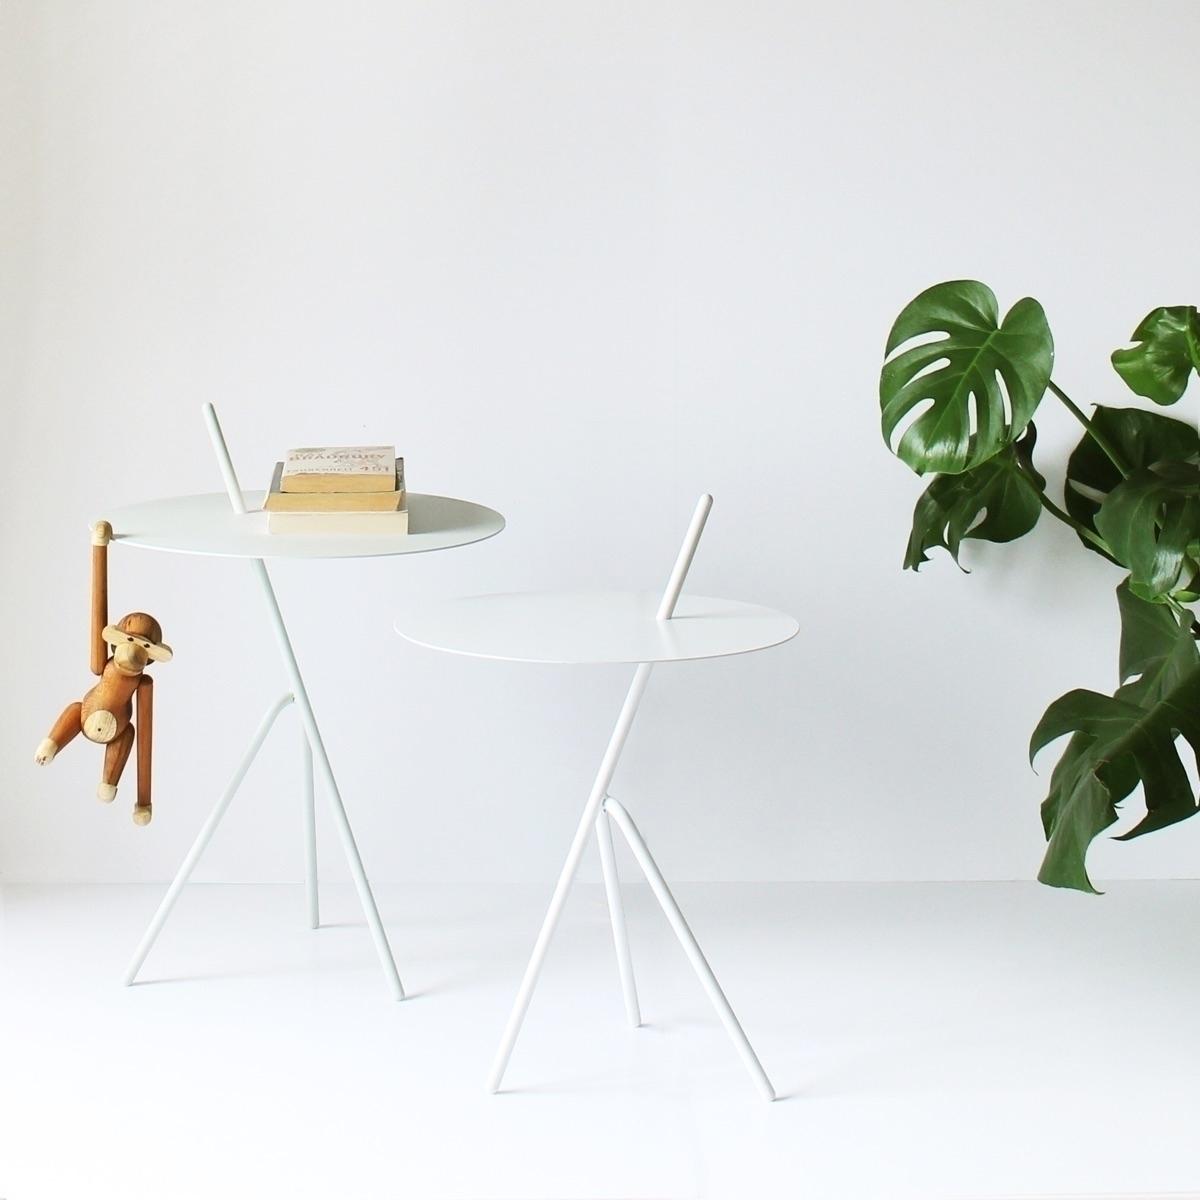 Mariachi Table - Danish, Design - baudesign | ello